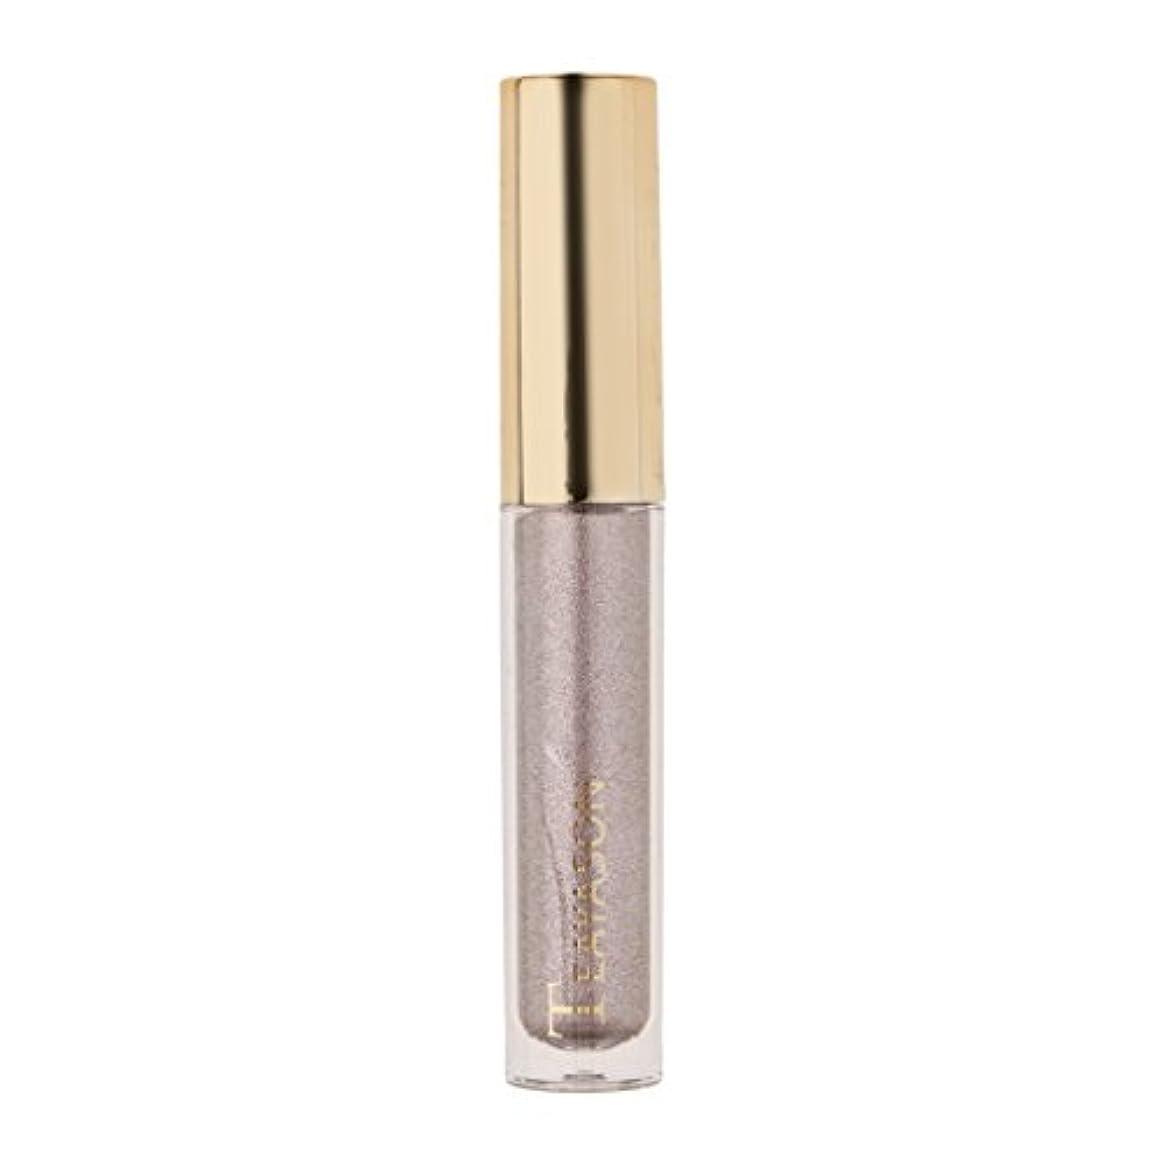 発生器旅行者パトワ8色液体アイシャドーキラキラシマー化粧品顔料長期持続性 - 6#